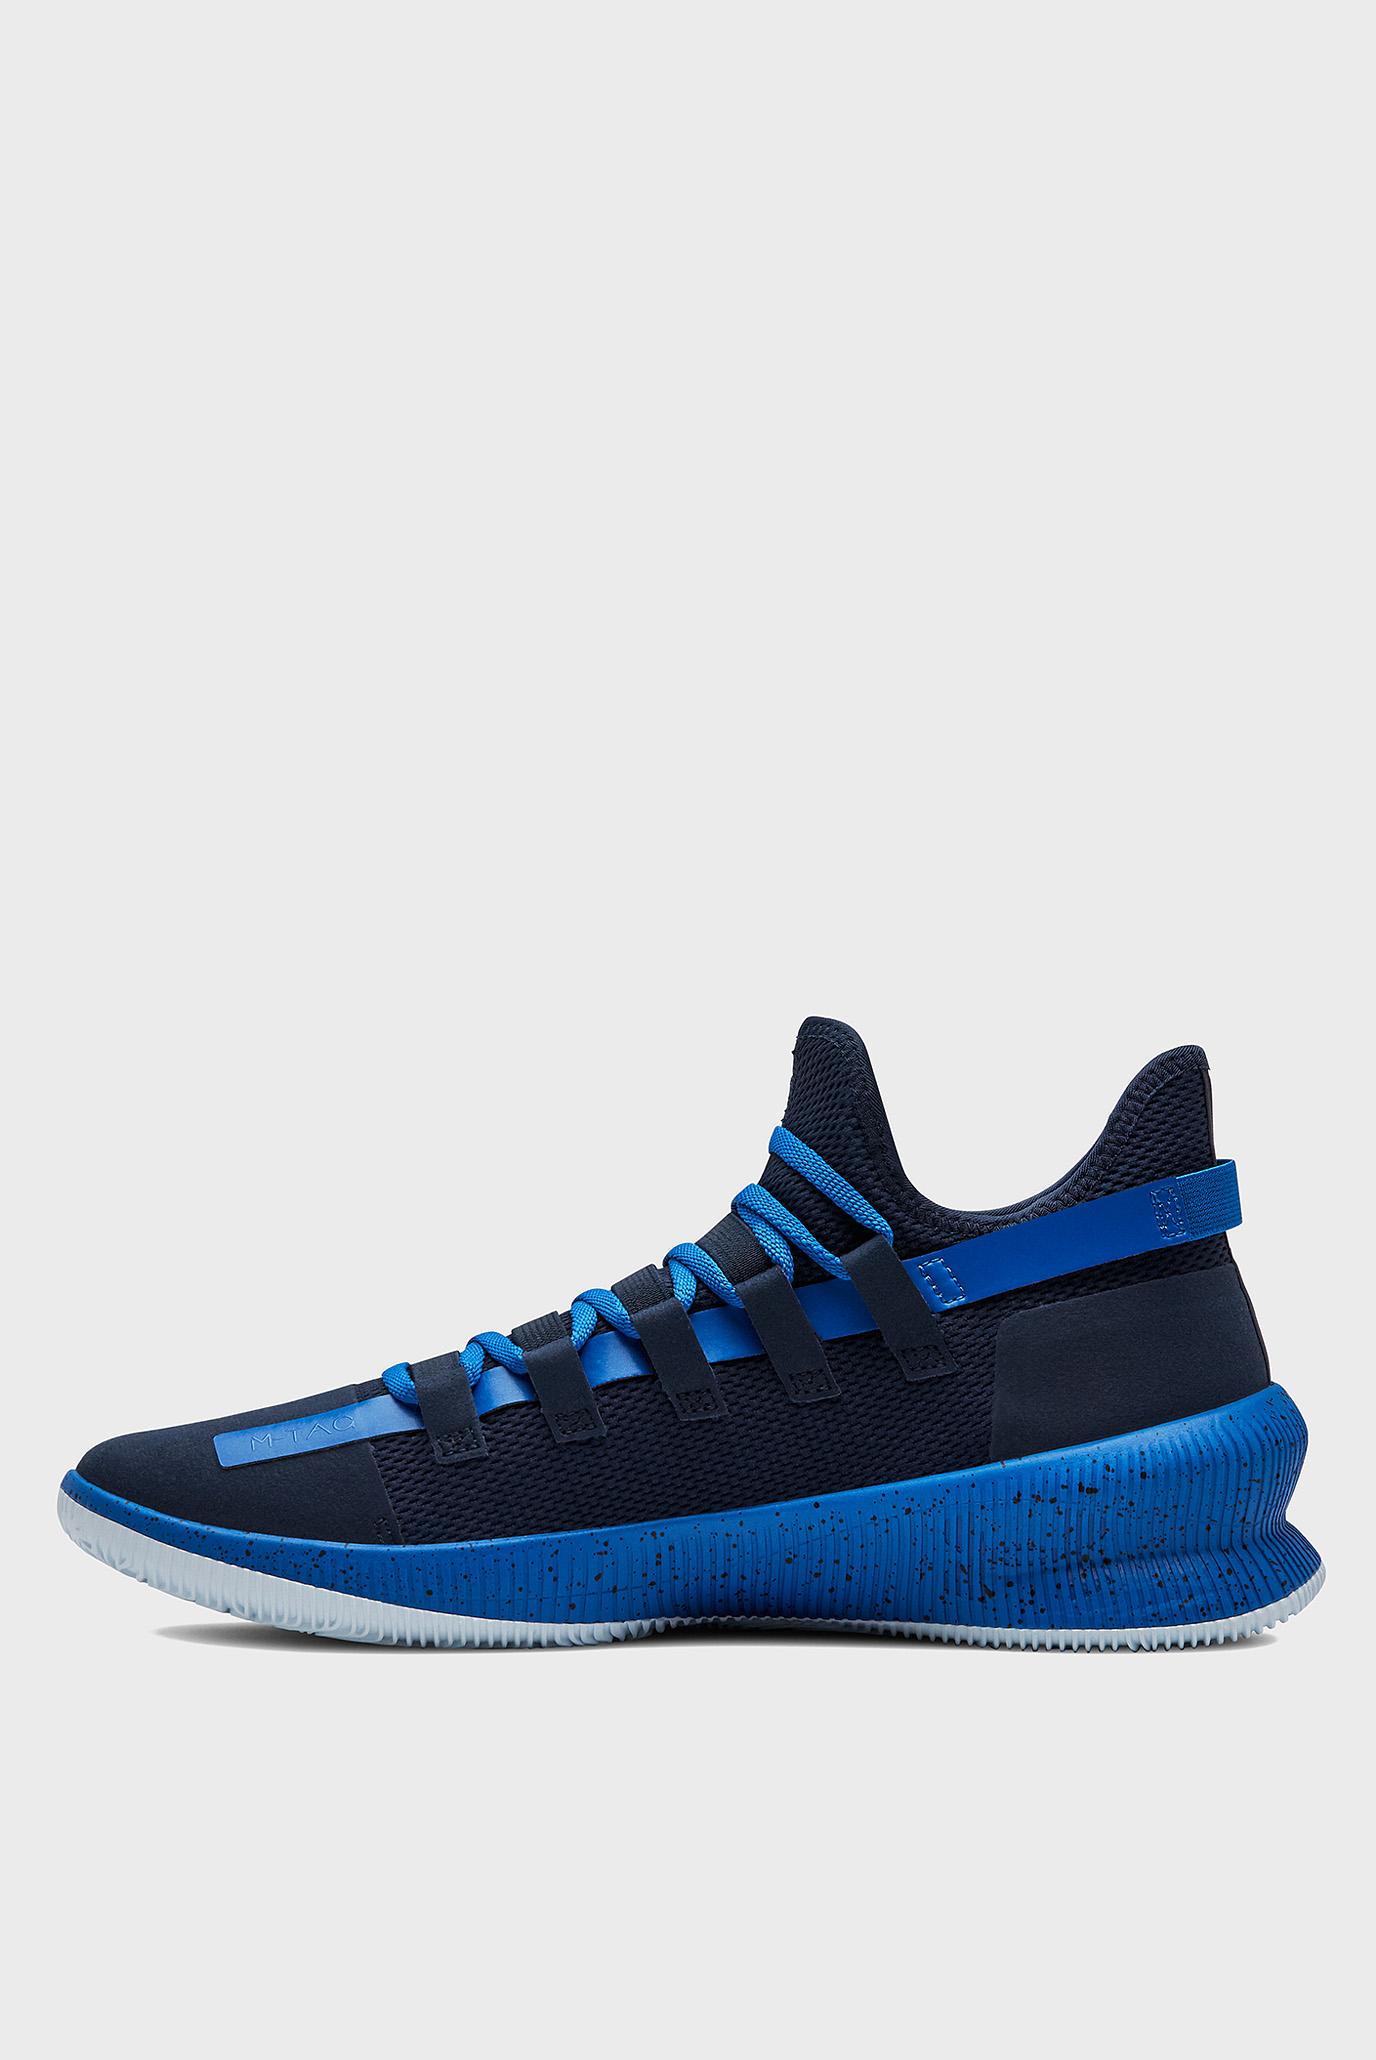 Купить Мужские синие кроссовки для баскетбола UA M-TAG Low Under Armour Under Armour 3021800-400 – Киев, Украина. Цены в интернет магазине MD Fashion